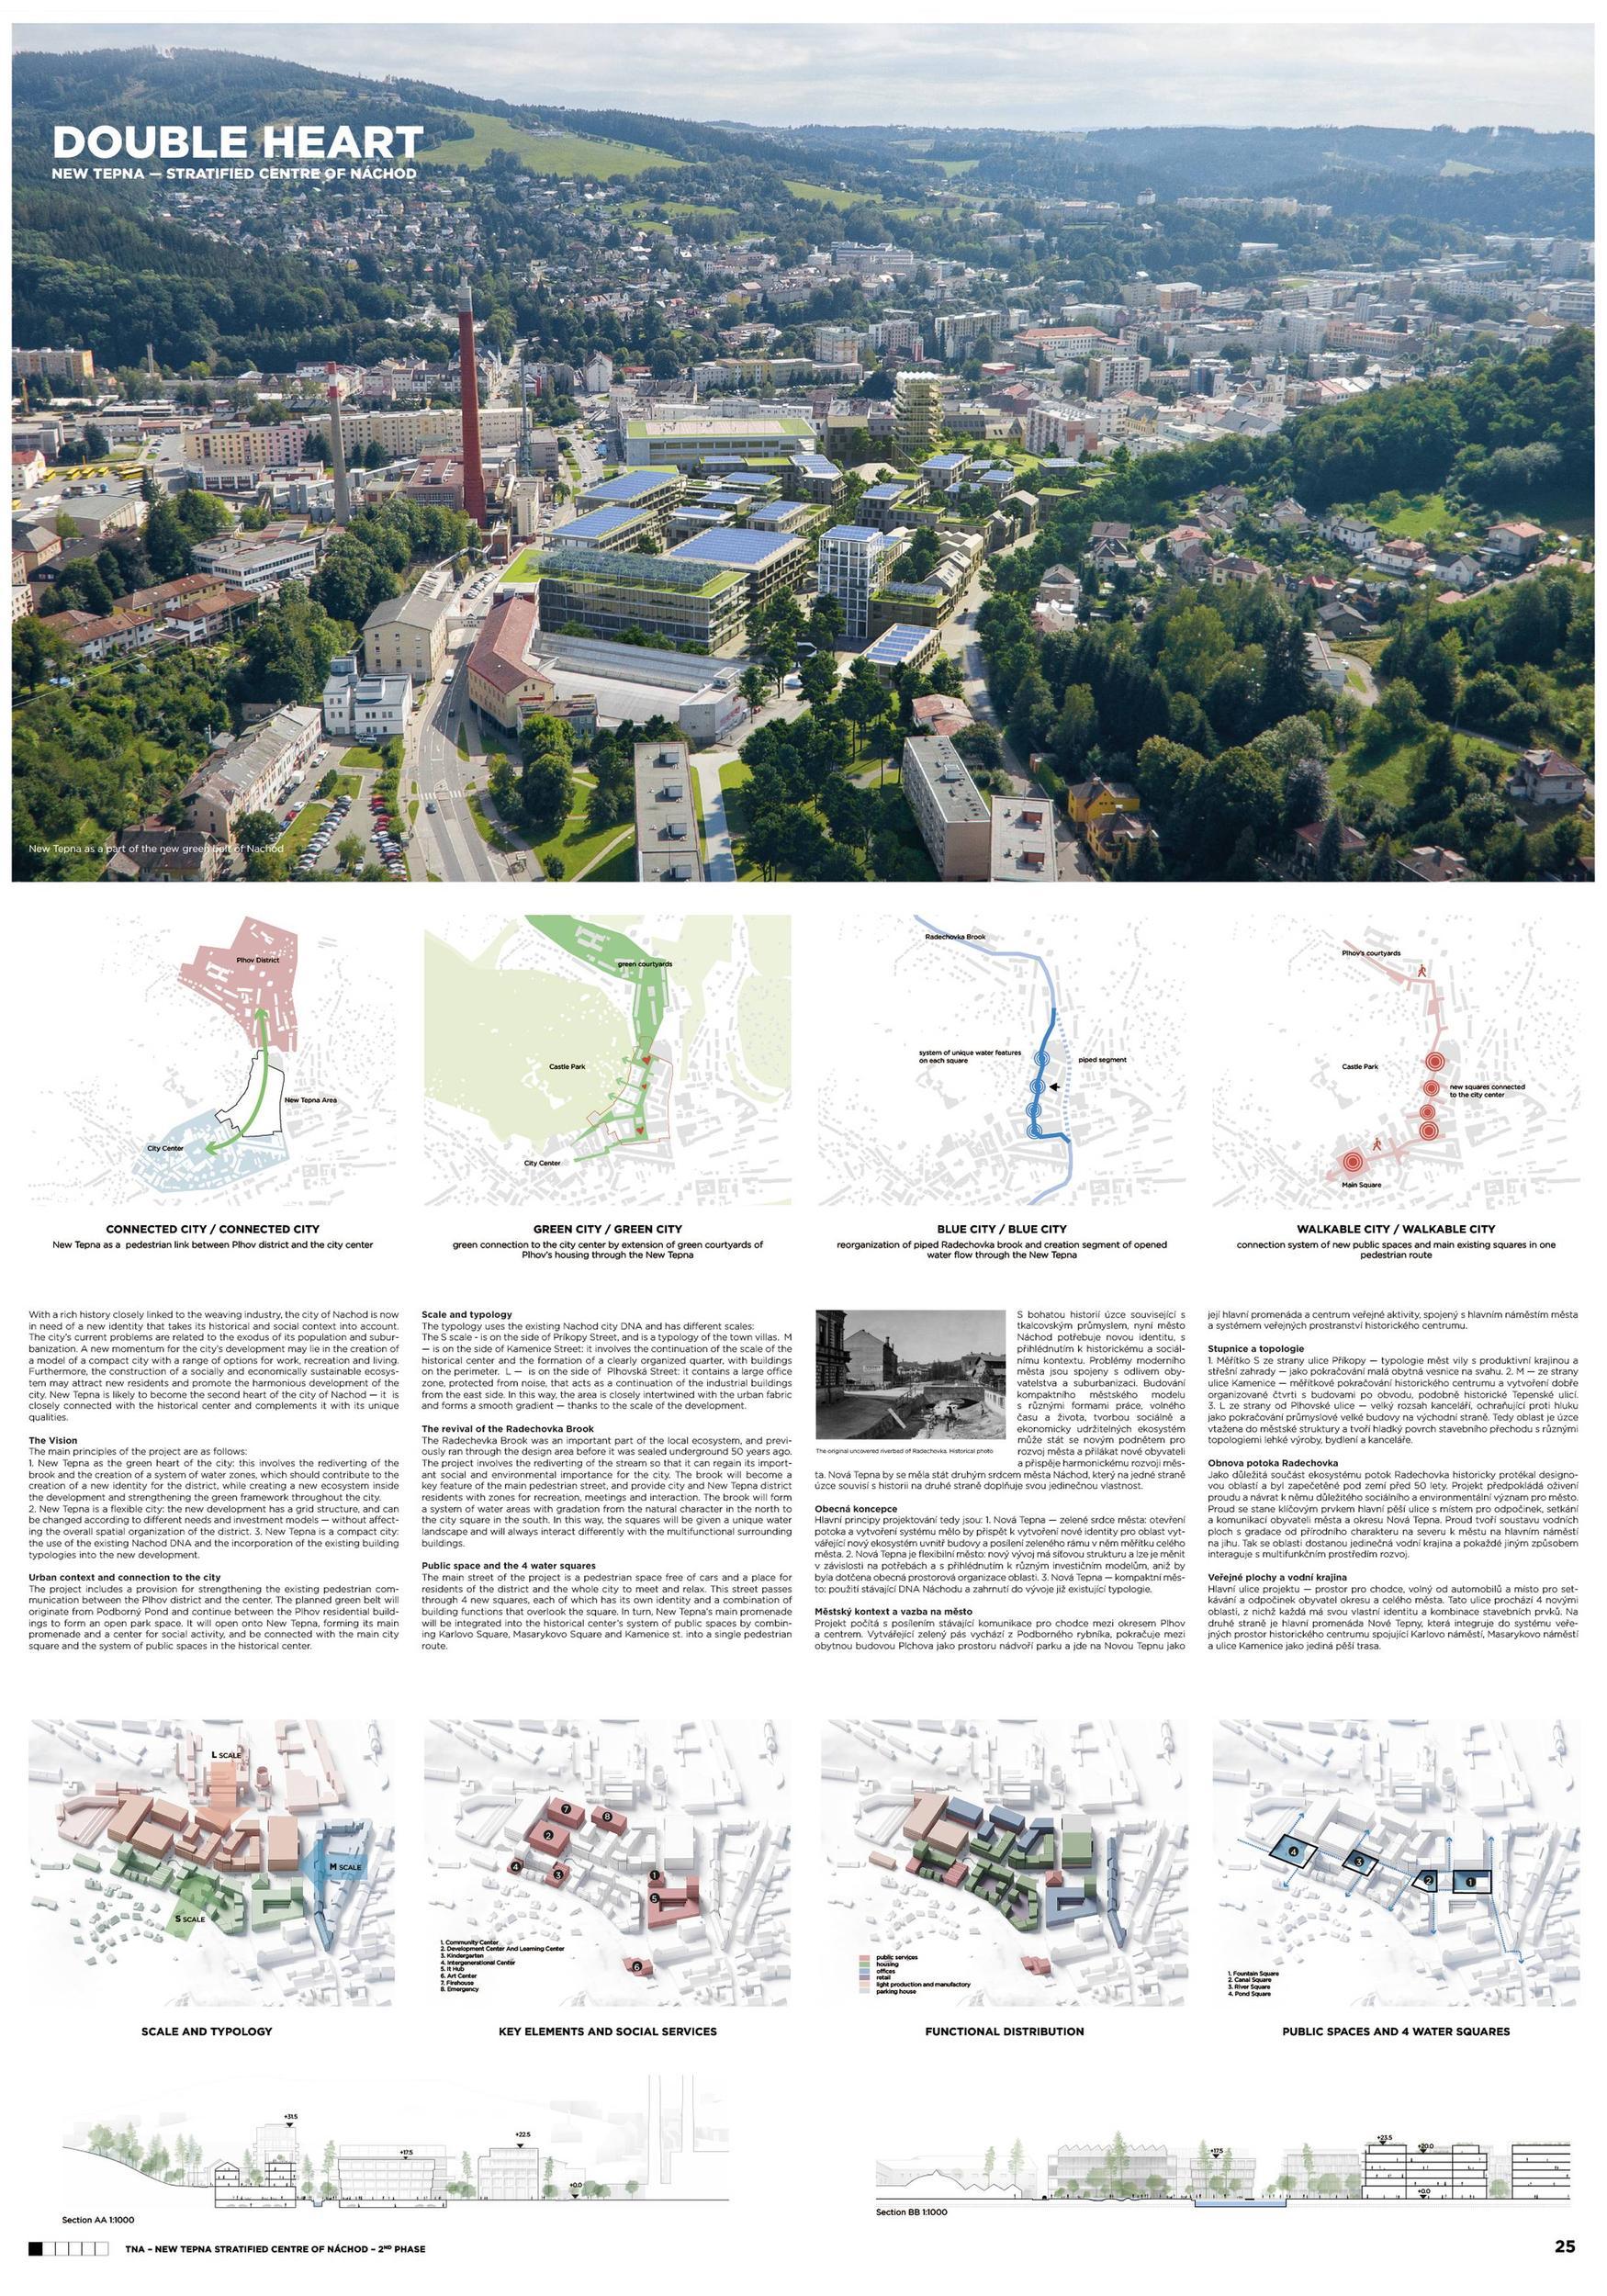 Czechy Nachod projekt r1